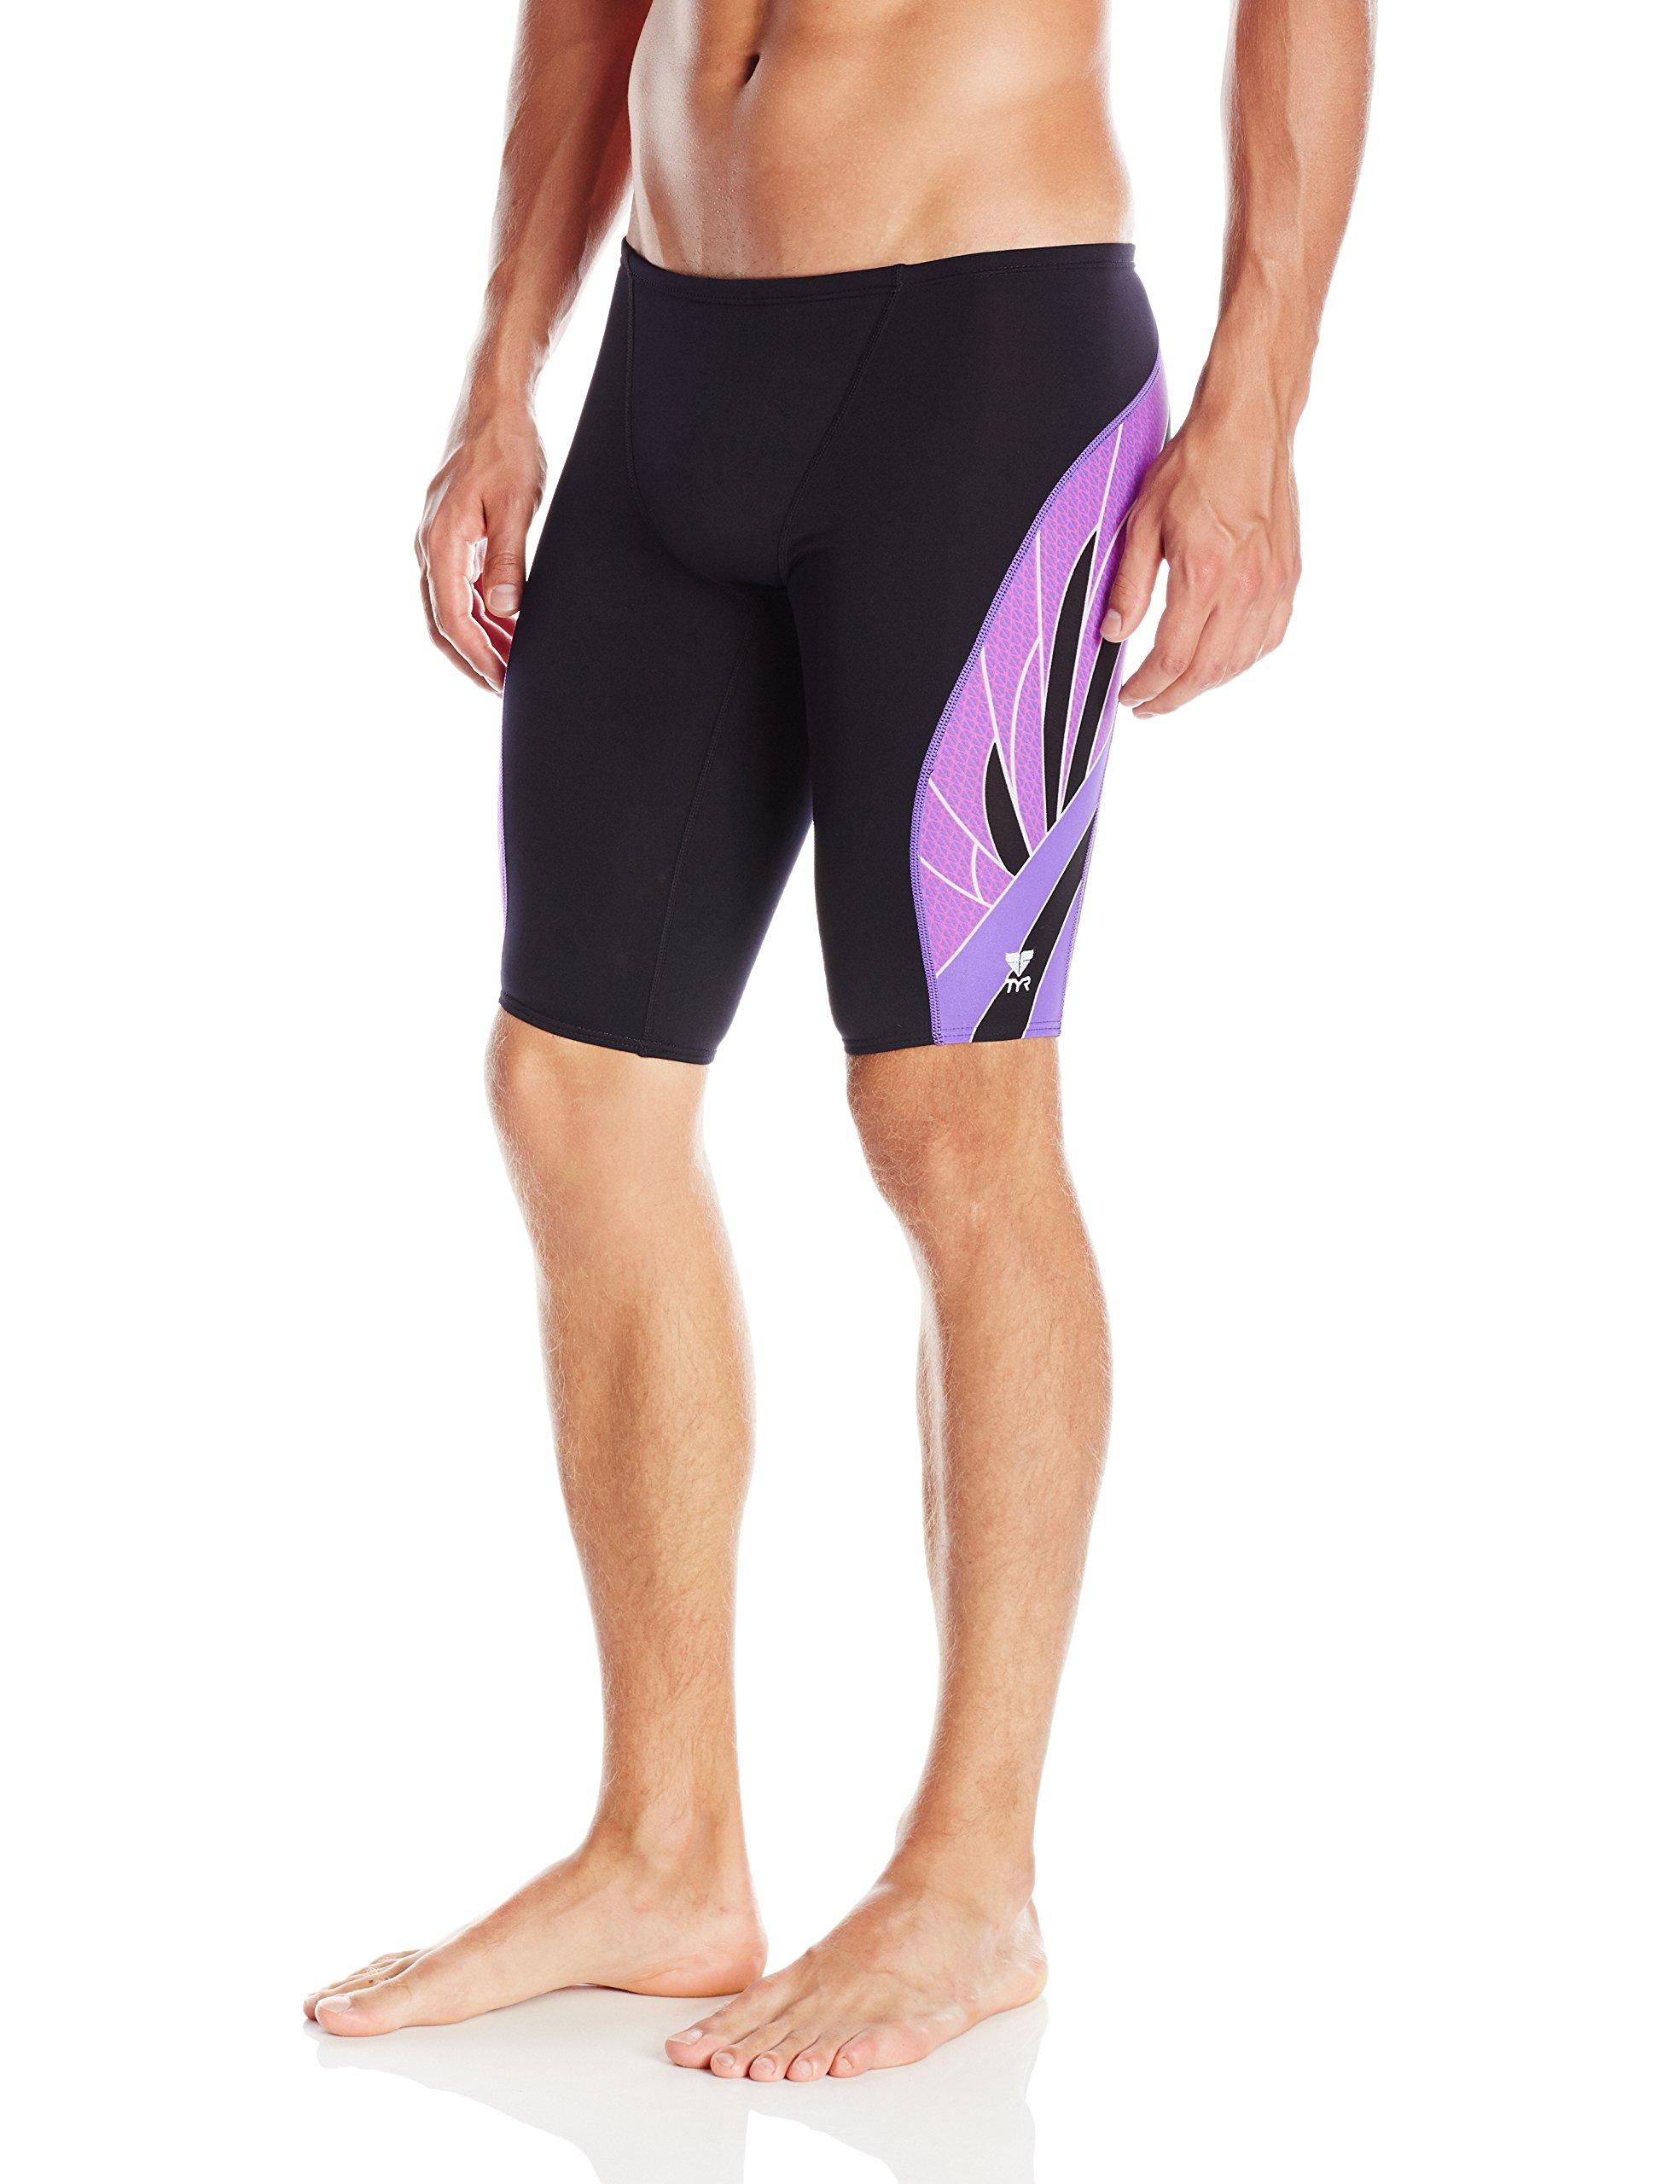 55f20a9c76 TYR SPORT Men's Phoenix Splice Jammer Swimsuit | Jodyshop